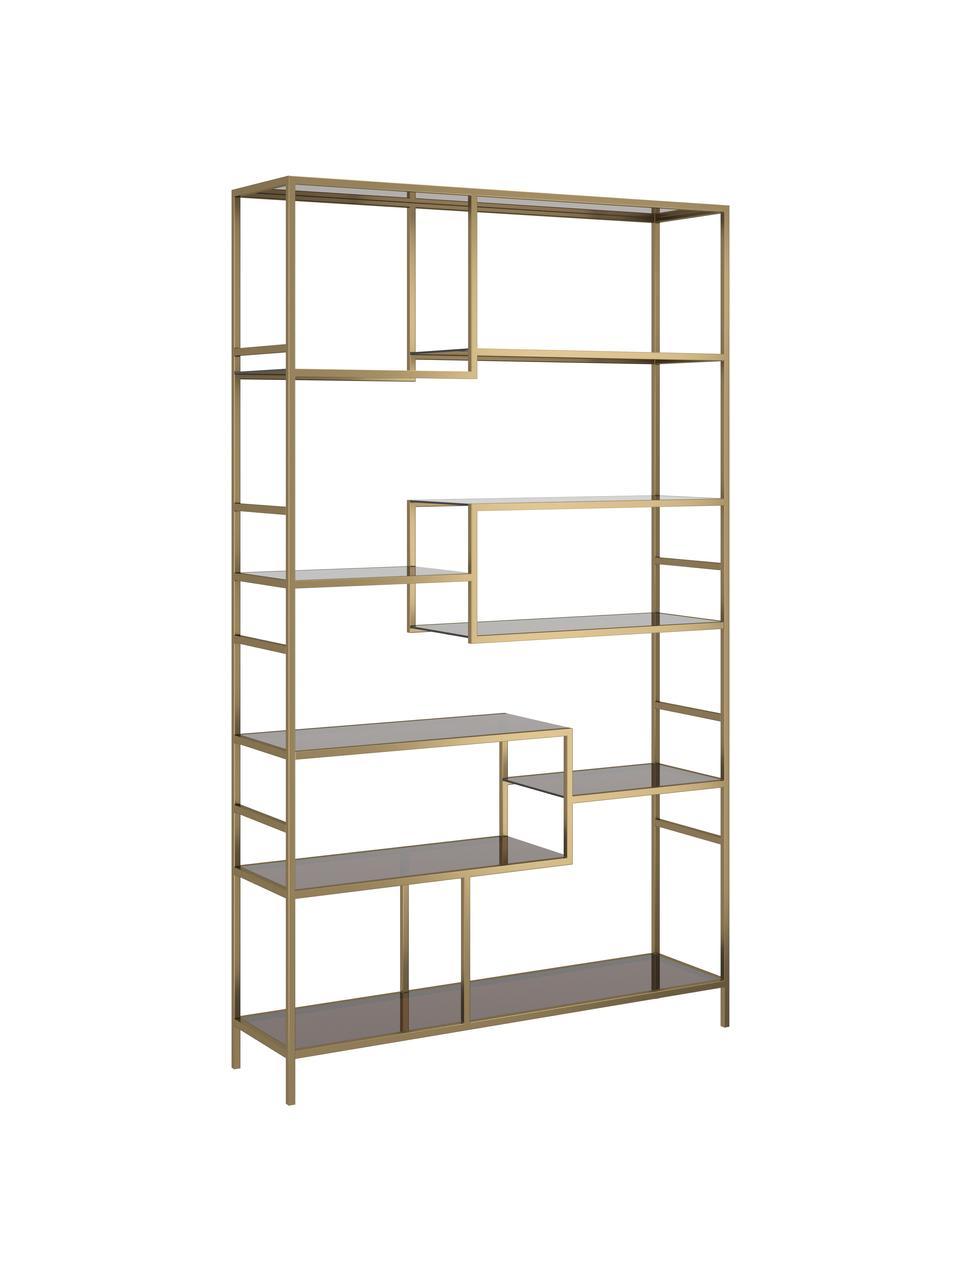 Metall-Standregal Loft in Messingfarben, Gestell: Metall, pulverbeschichtet, Messingfarben, 115 x 195 cm